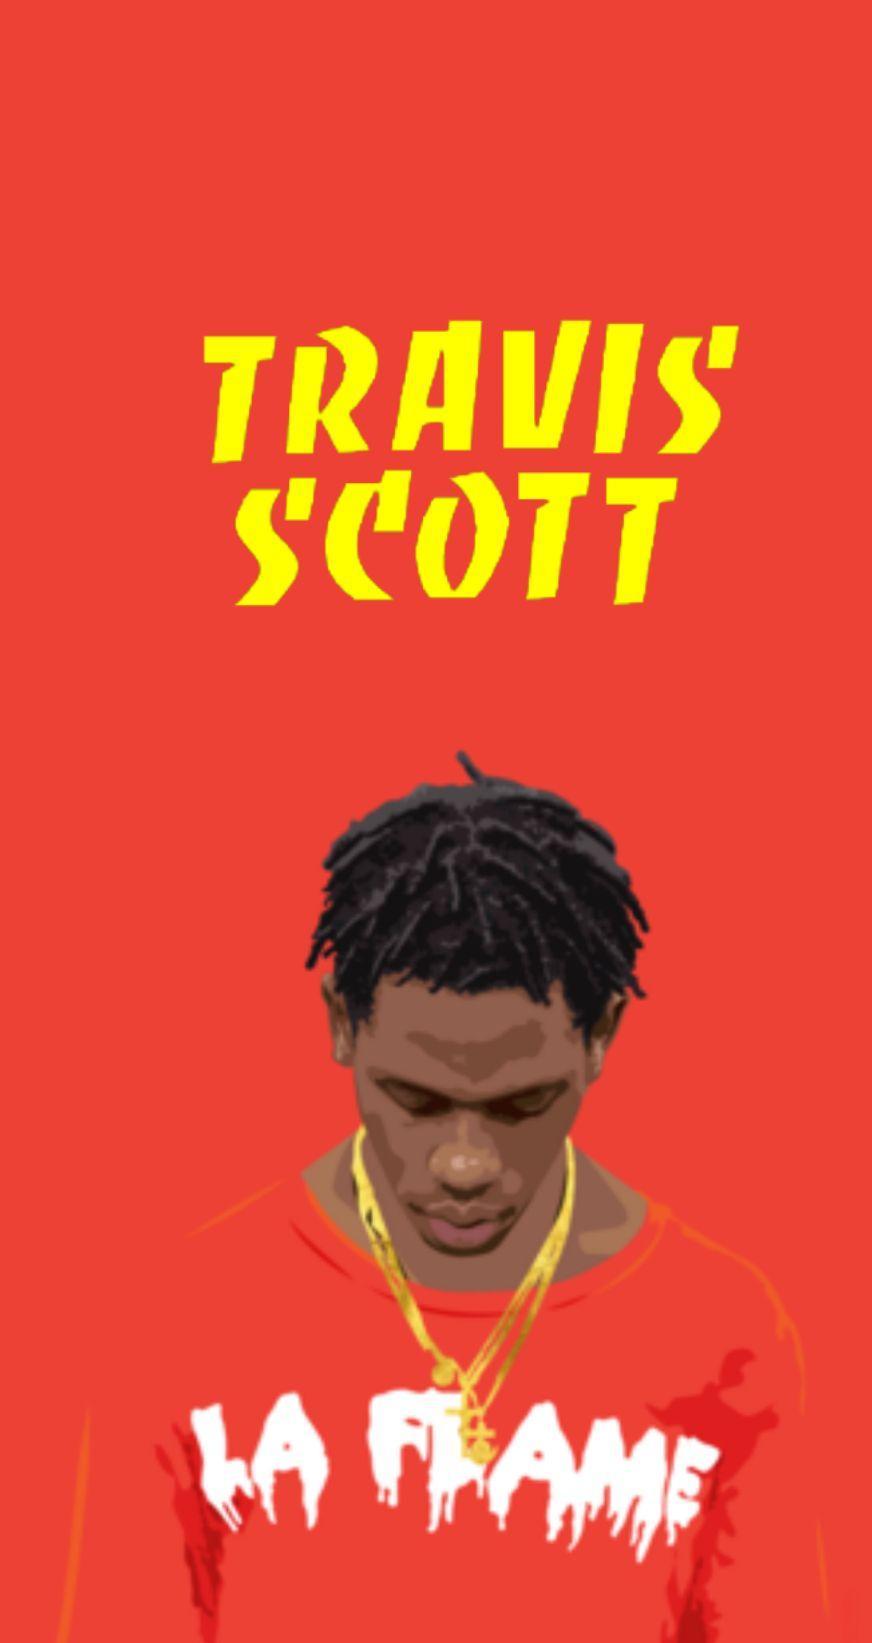 353ccf8b60ee Travis Scott LA Flame Wallpapers - Top Free Travis Scott LA Flame ...